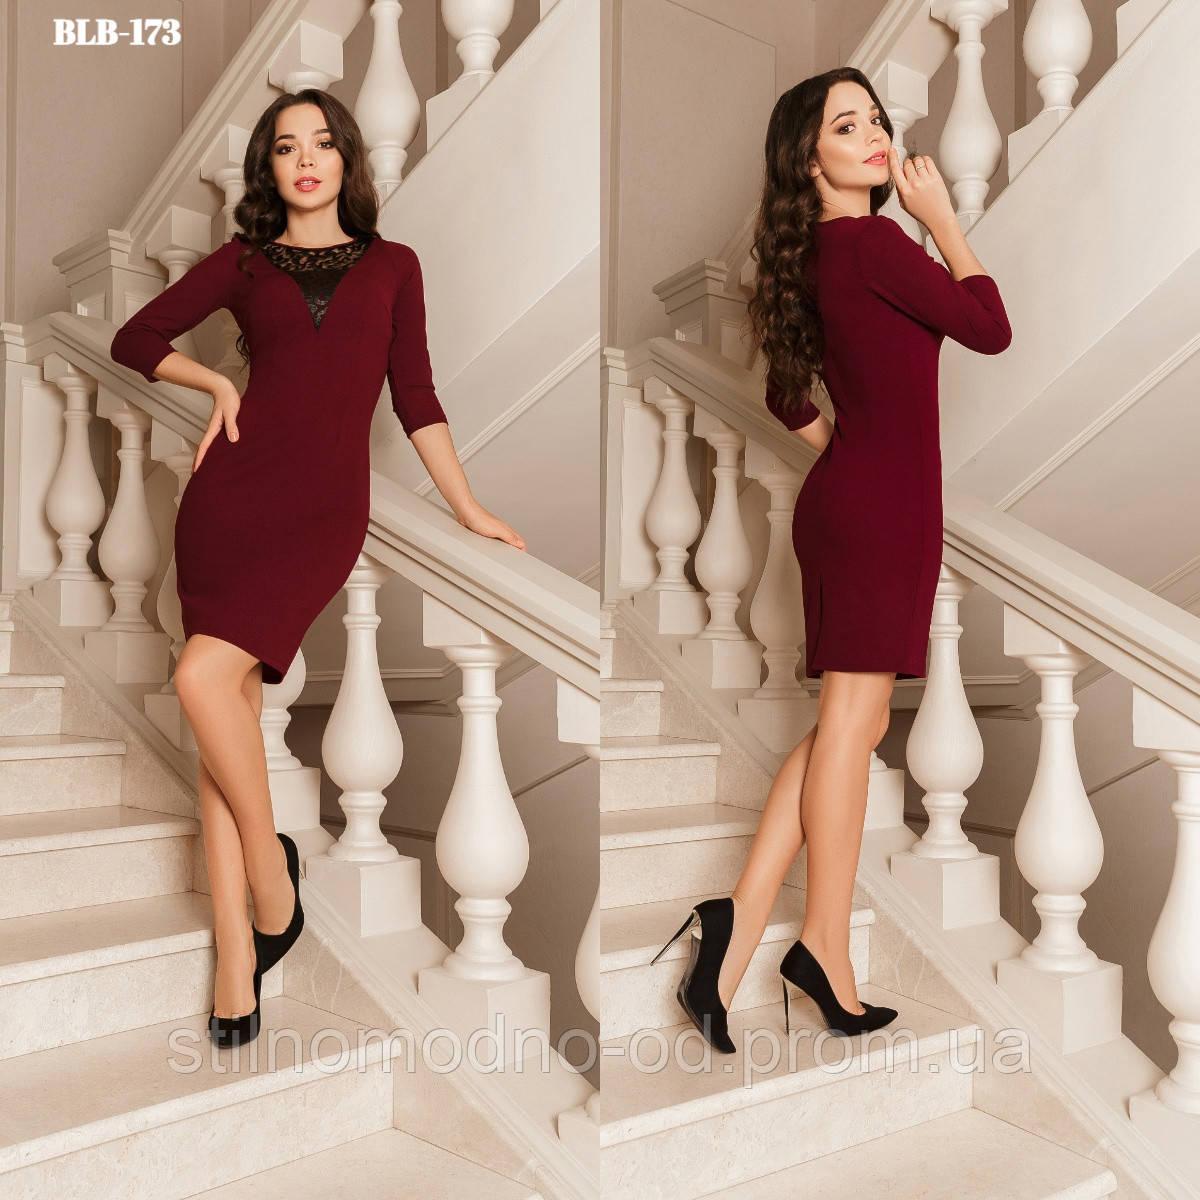 Пріталенне плаття з v-подібним декоративним вирізом від Стильномодно